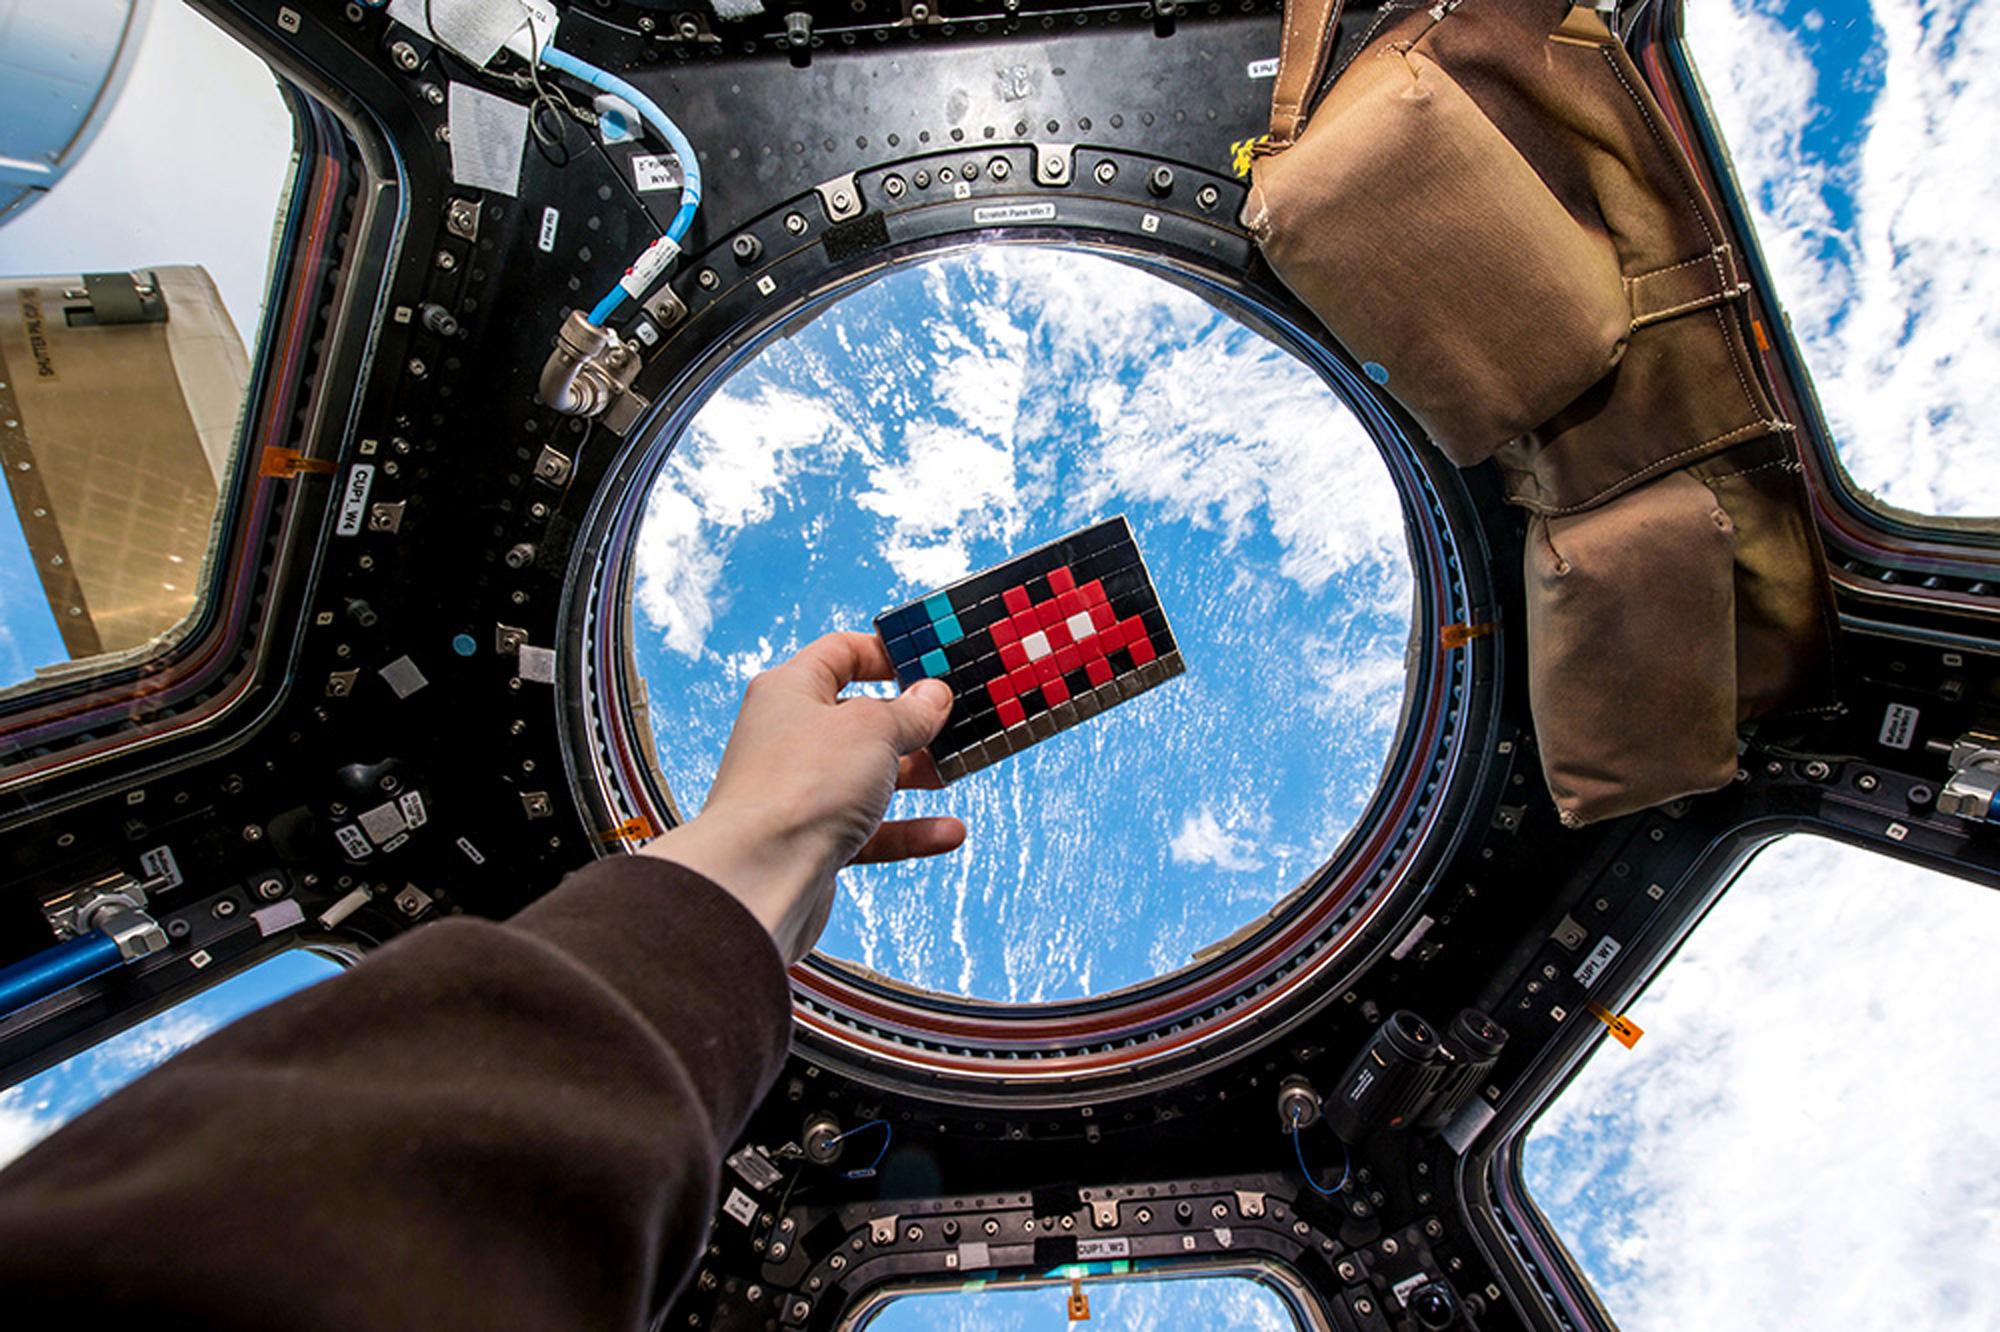 Invader_ISS_2000.jpg